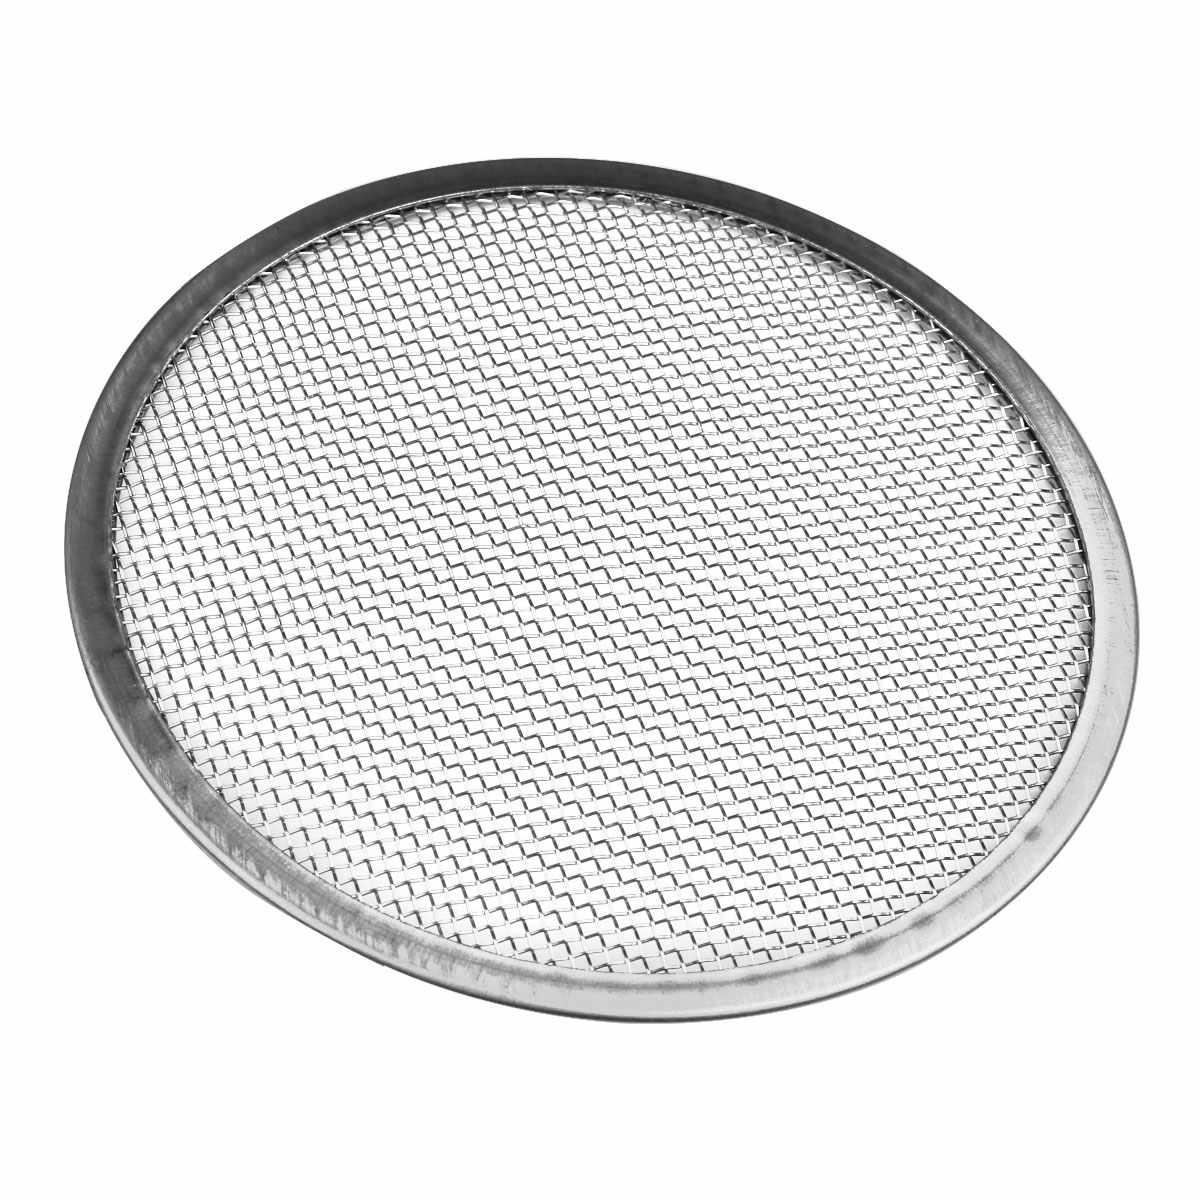 12 Piezas Tapas de Pl/ástico de Brotes Compatible con Boca Ancha de 86 mm Tapa de Colador Tarro de Germinaci/ón Tarros de Cristal Adecuado para Cultivar Brotes de Alubias Alfalfa